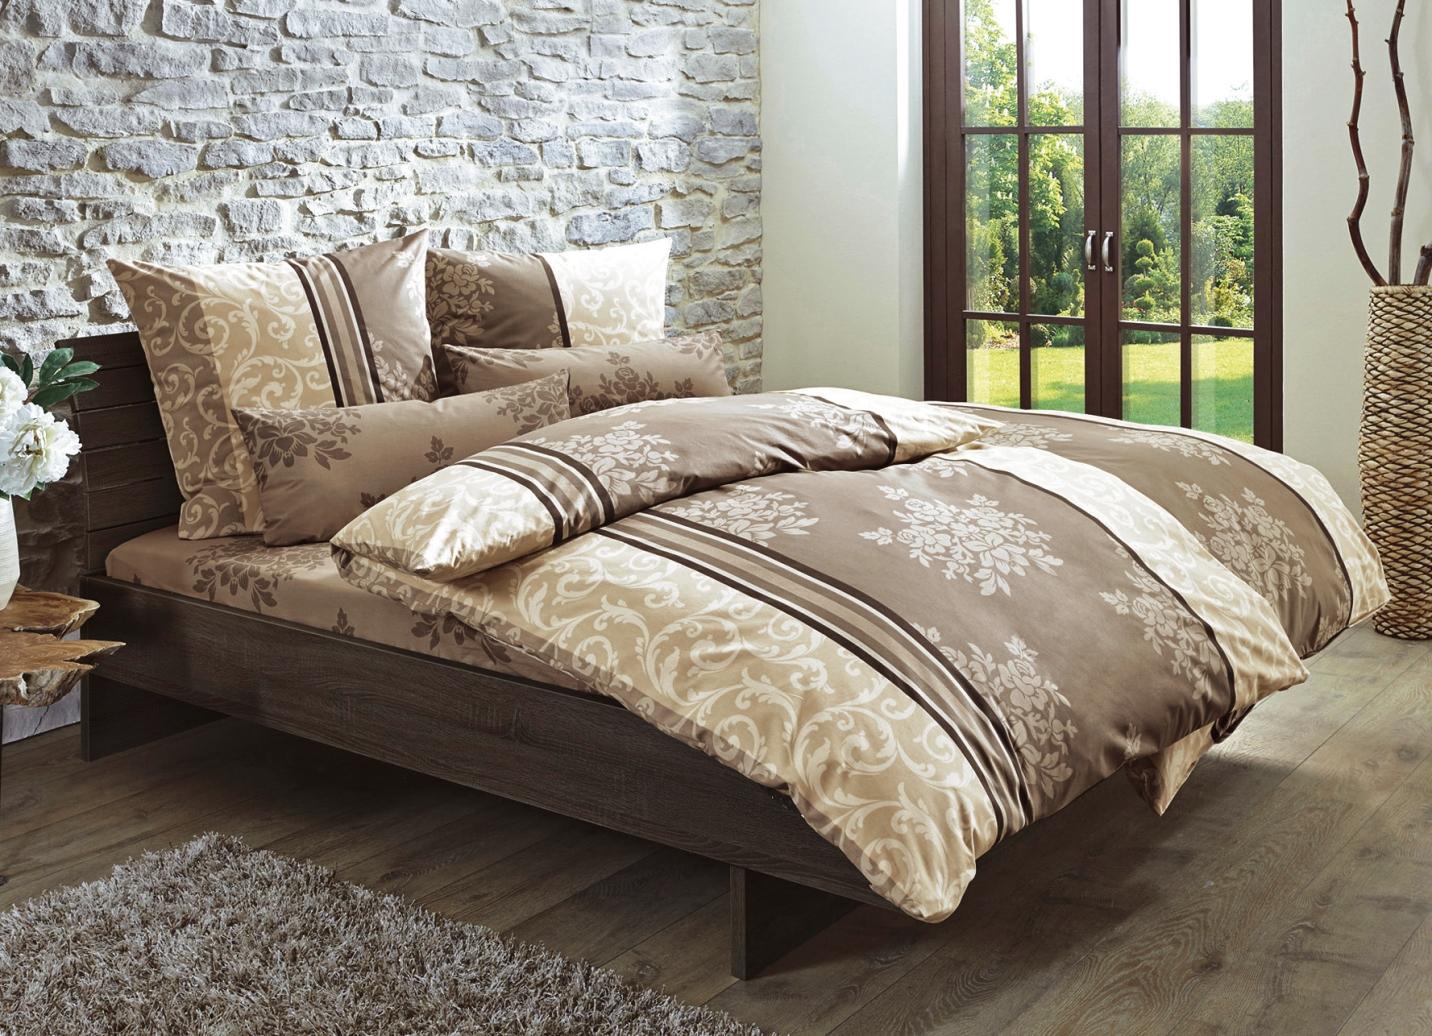 bettw sche garnitur in einen sehr eleganten dessin verschiedene farben bettw sche bader. Black Bedroom Furniture Sets. Home Design Ideas